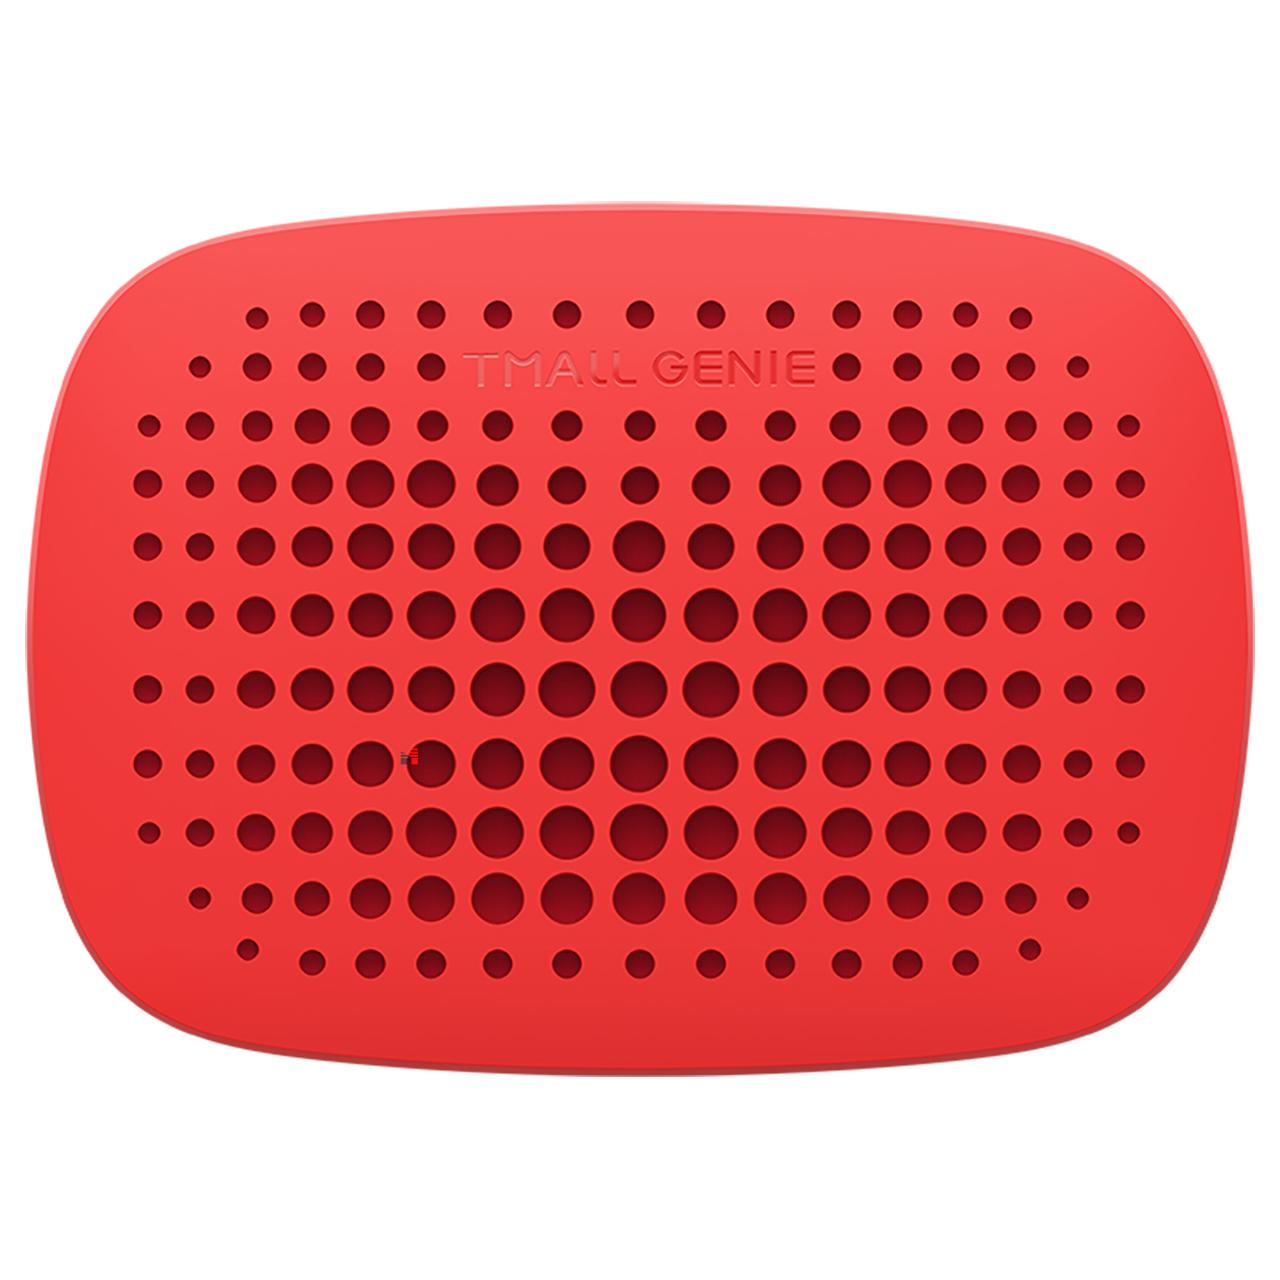 天猫精灵BOOM便携蓝牙小音箱智能随身版音响